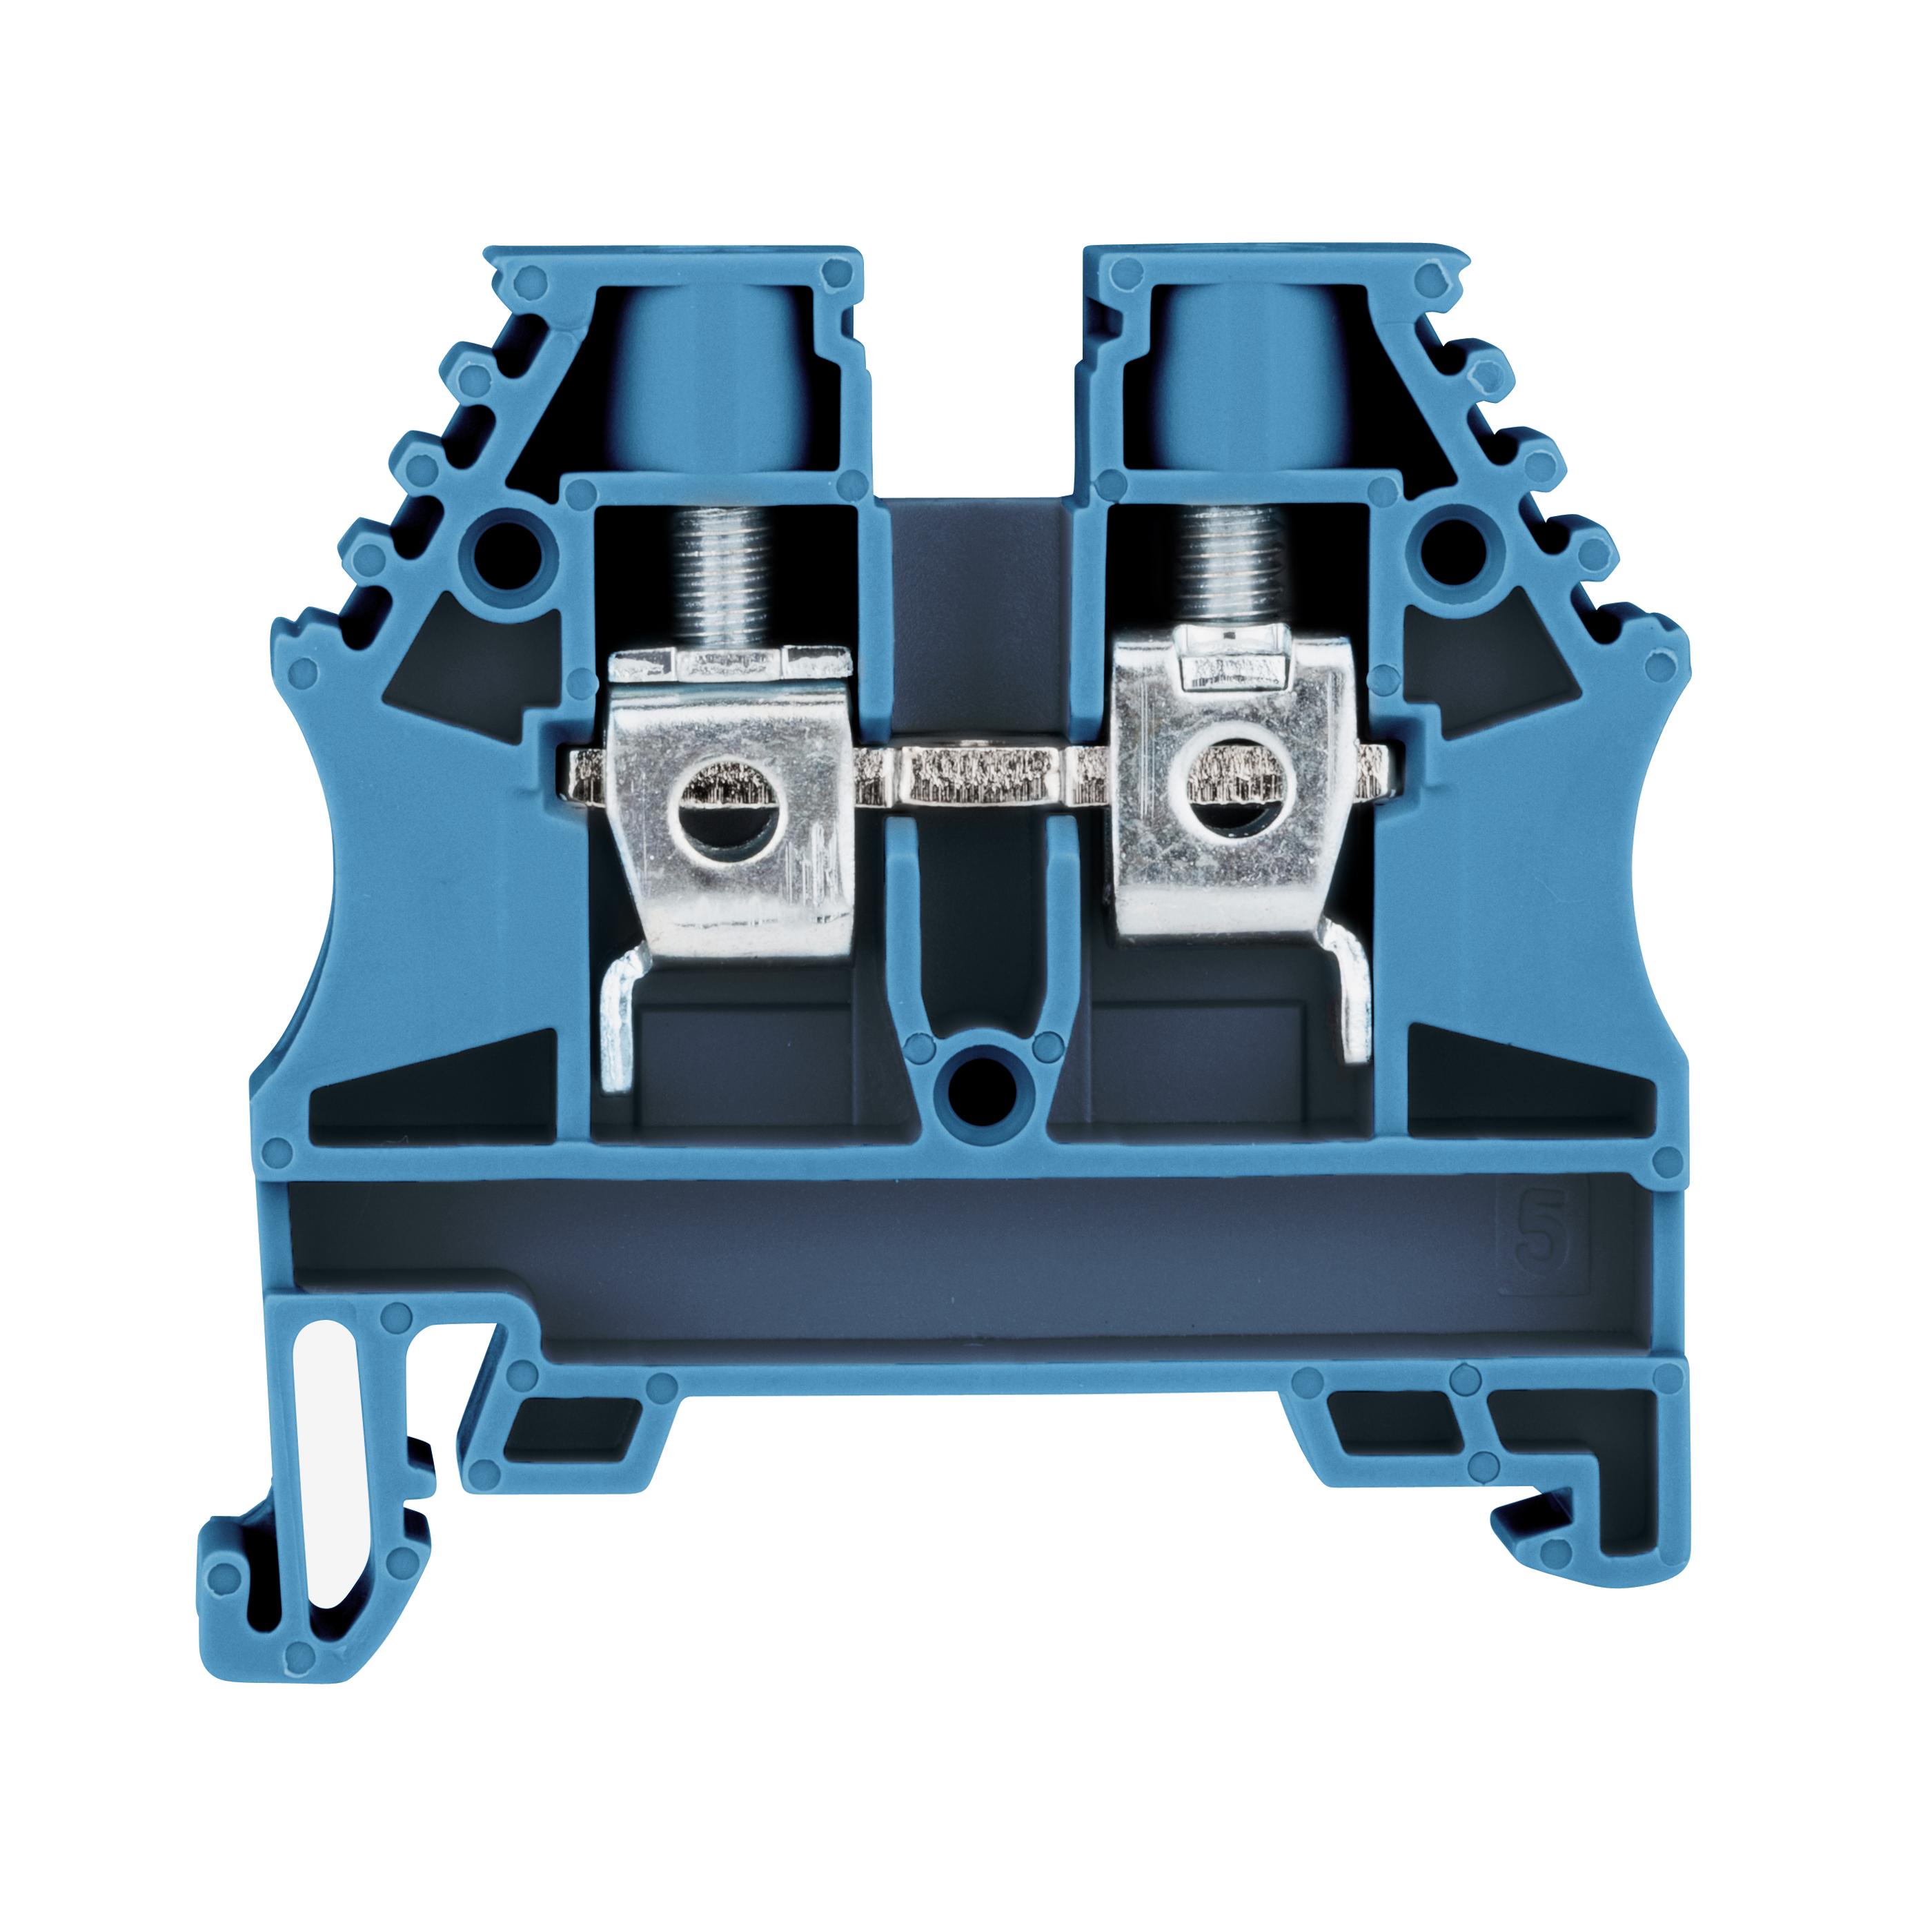 1 Stk Reihenklemme 6mm² AVK 6 blau IK601006--